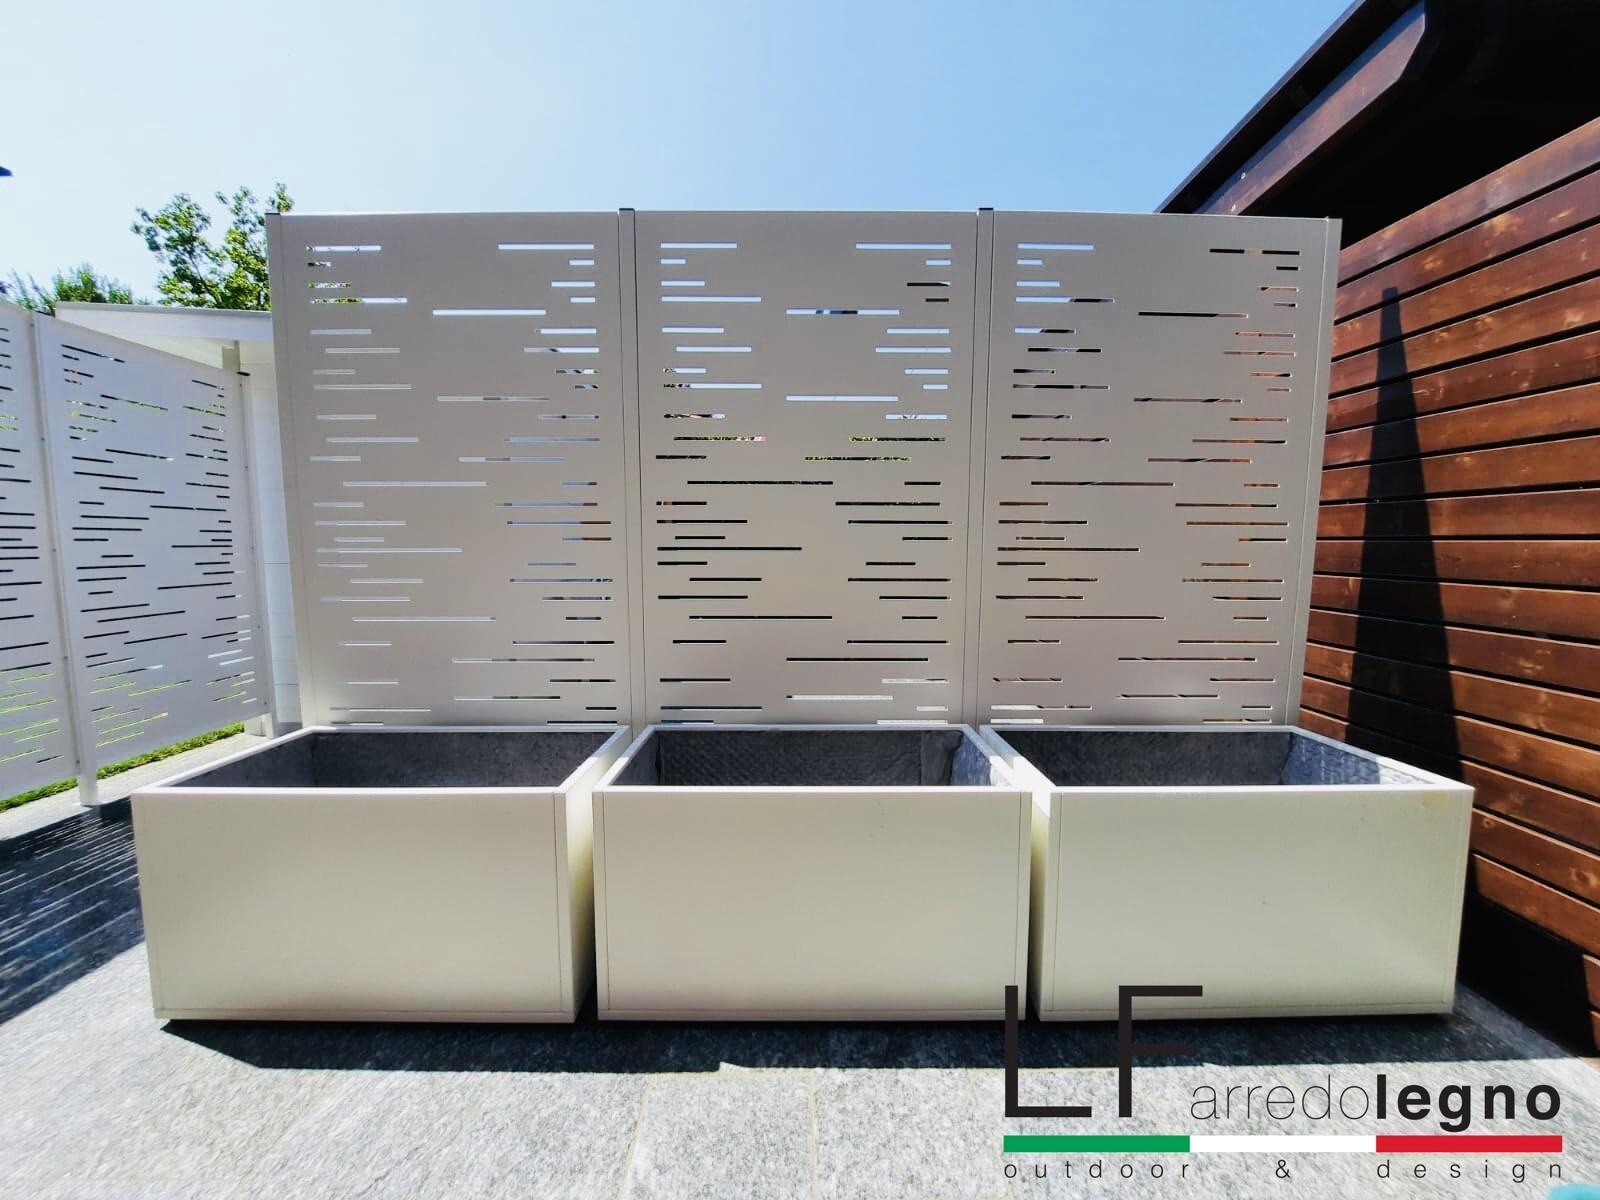 Pannelli frangivista modulari in alluminio modello LINEAR colore bianco con fissaggio a pavimento complete di fioriere in alluminio bianco con fissaggio a pavimento